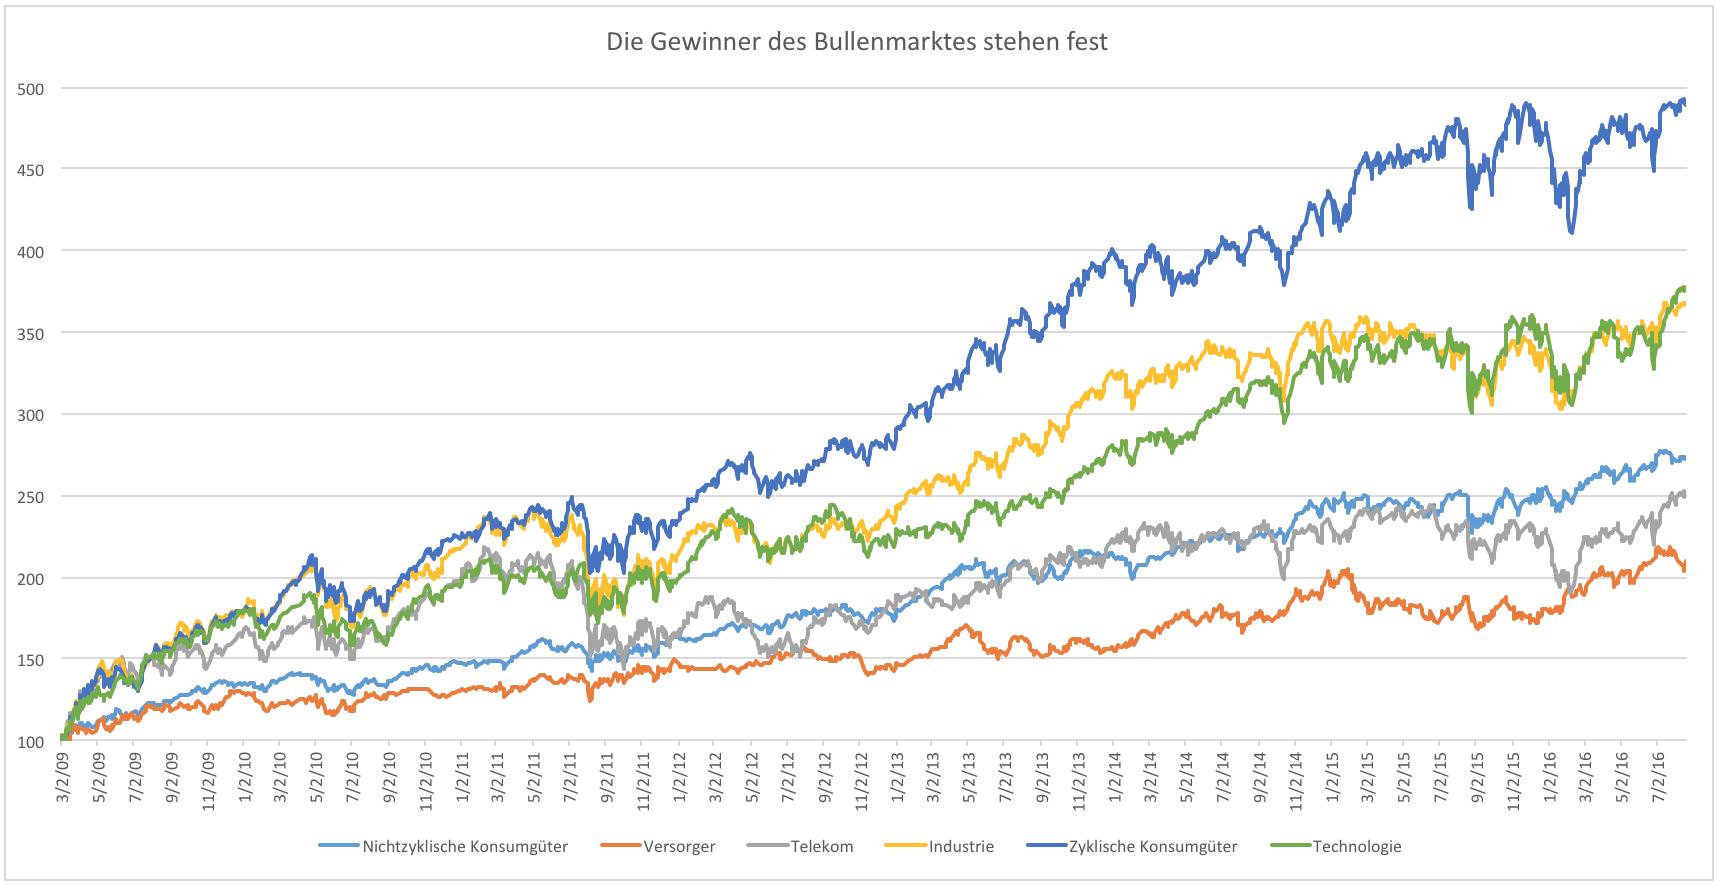 USA: Aktien überbewertet, aber Rally geht weiter? | GodmodeTrader